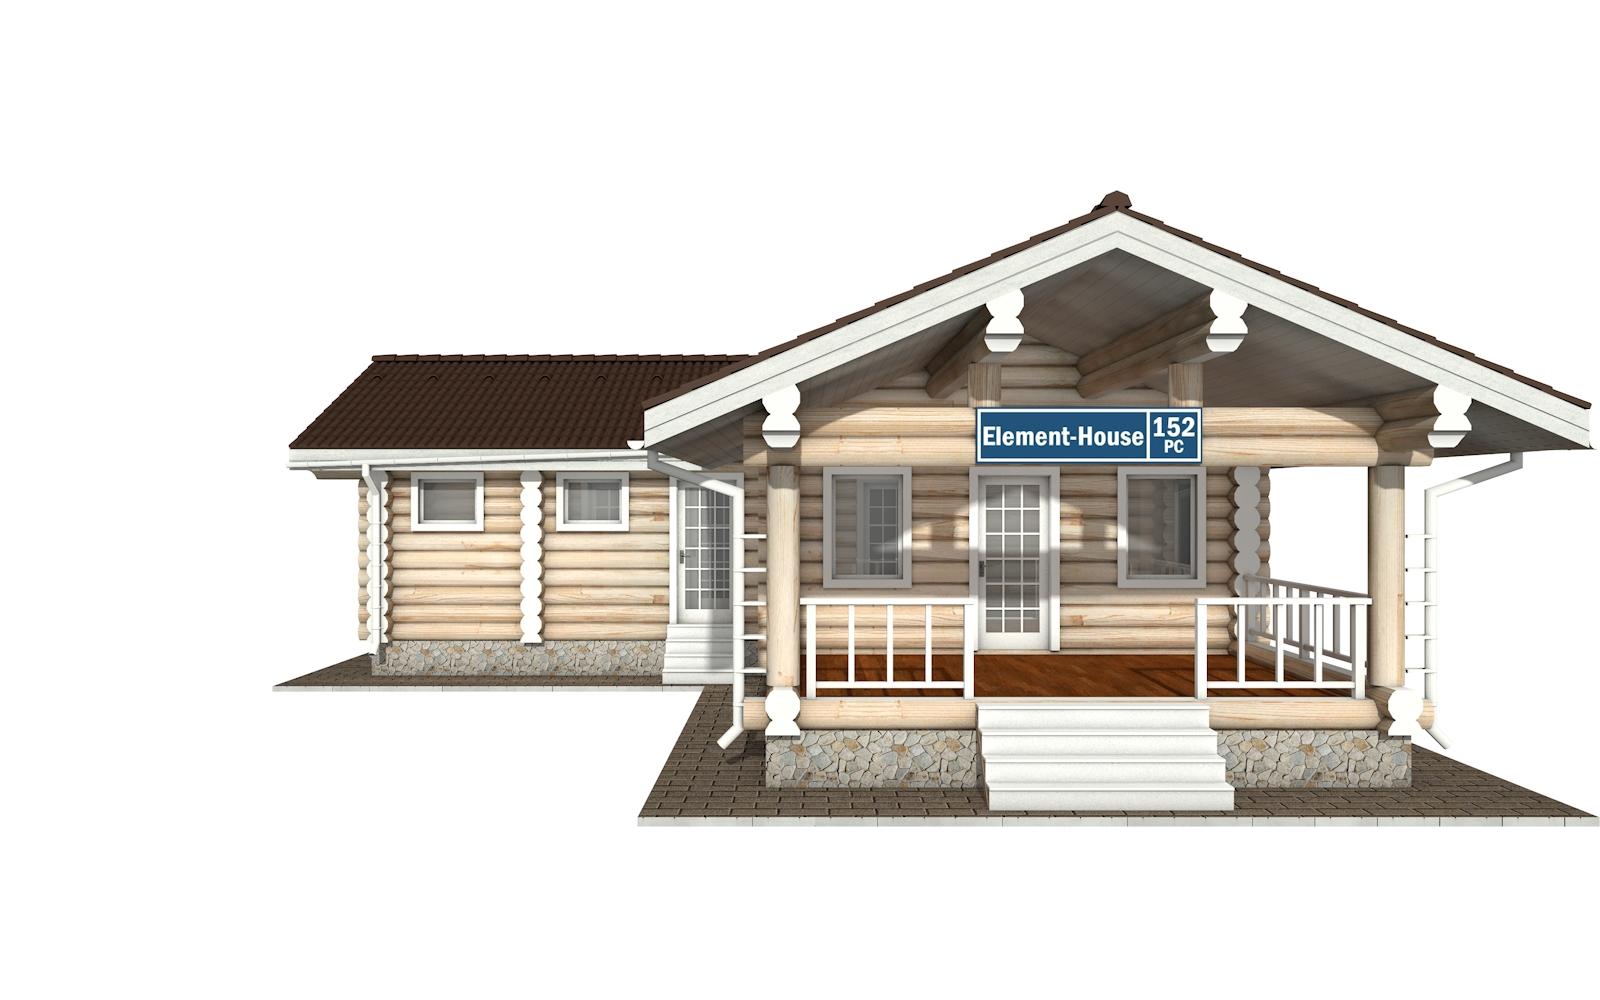 Фото #6: Красивый деревянный дом РС-152 из бревна